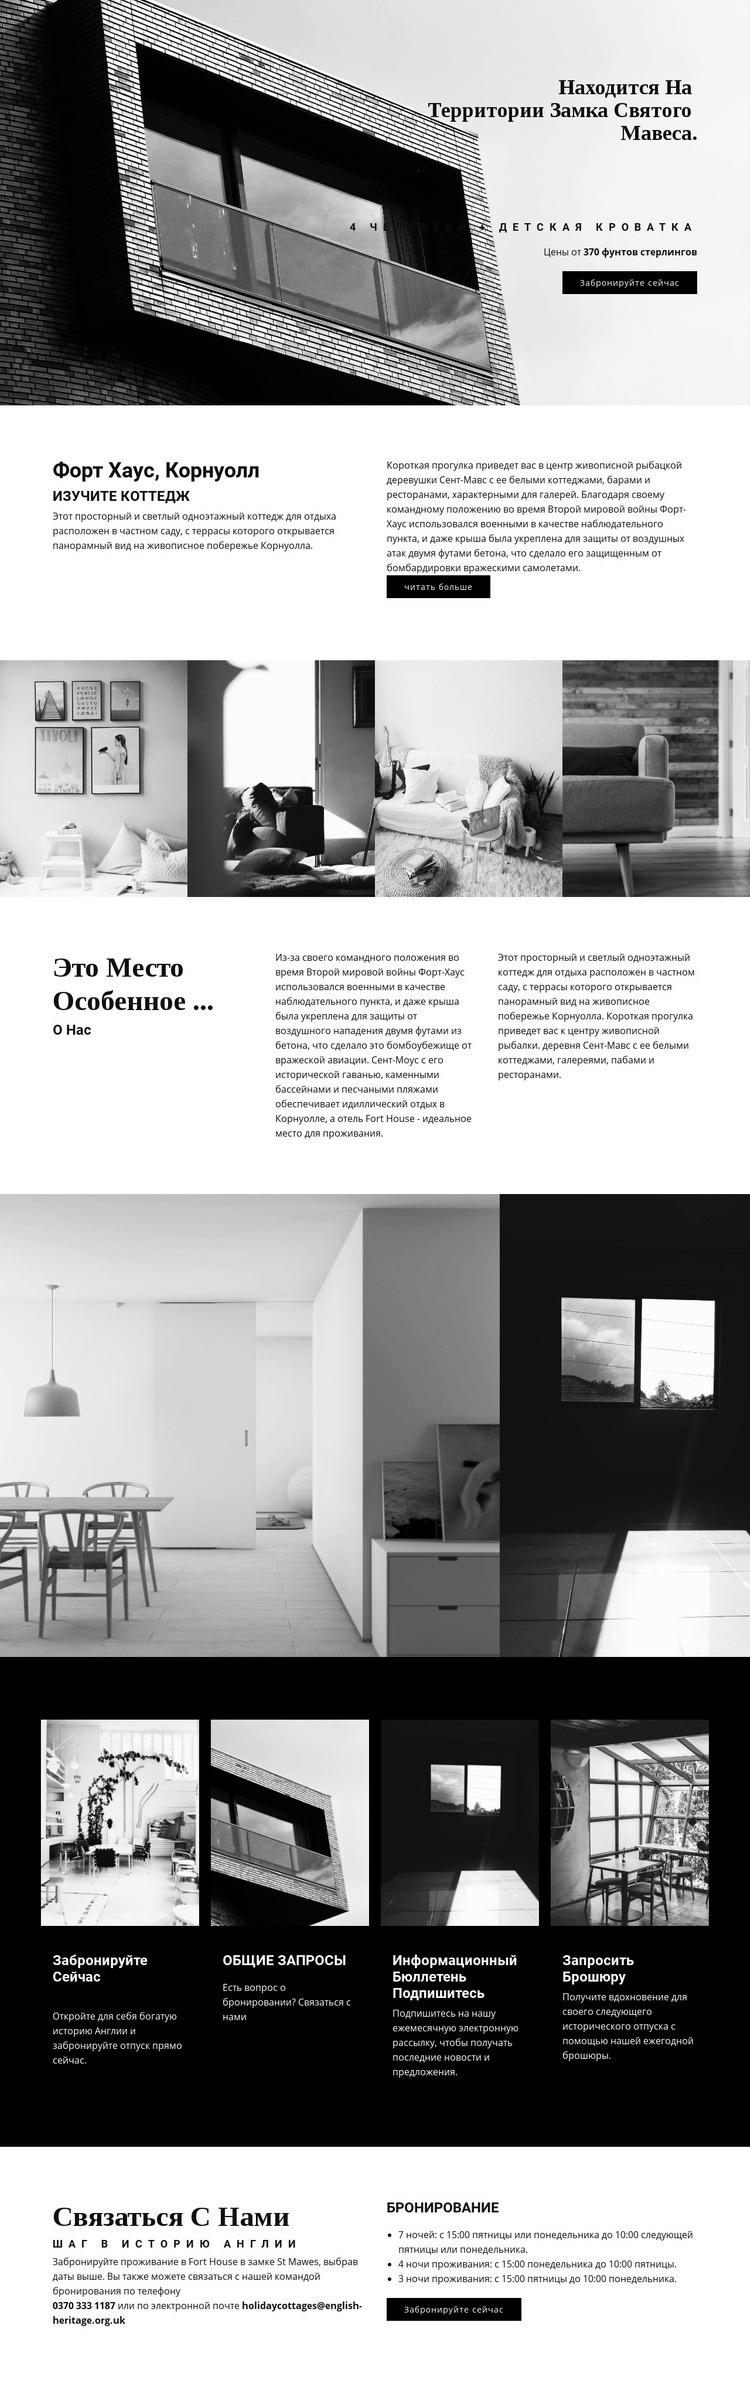 Глобальная современная архитектура Шаблон веб-сайта